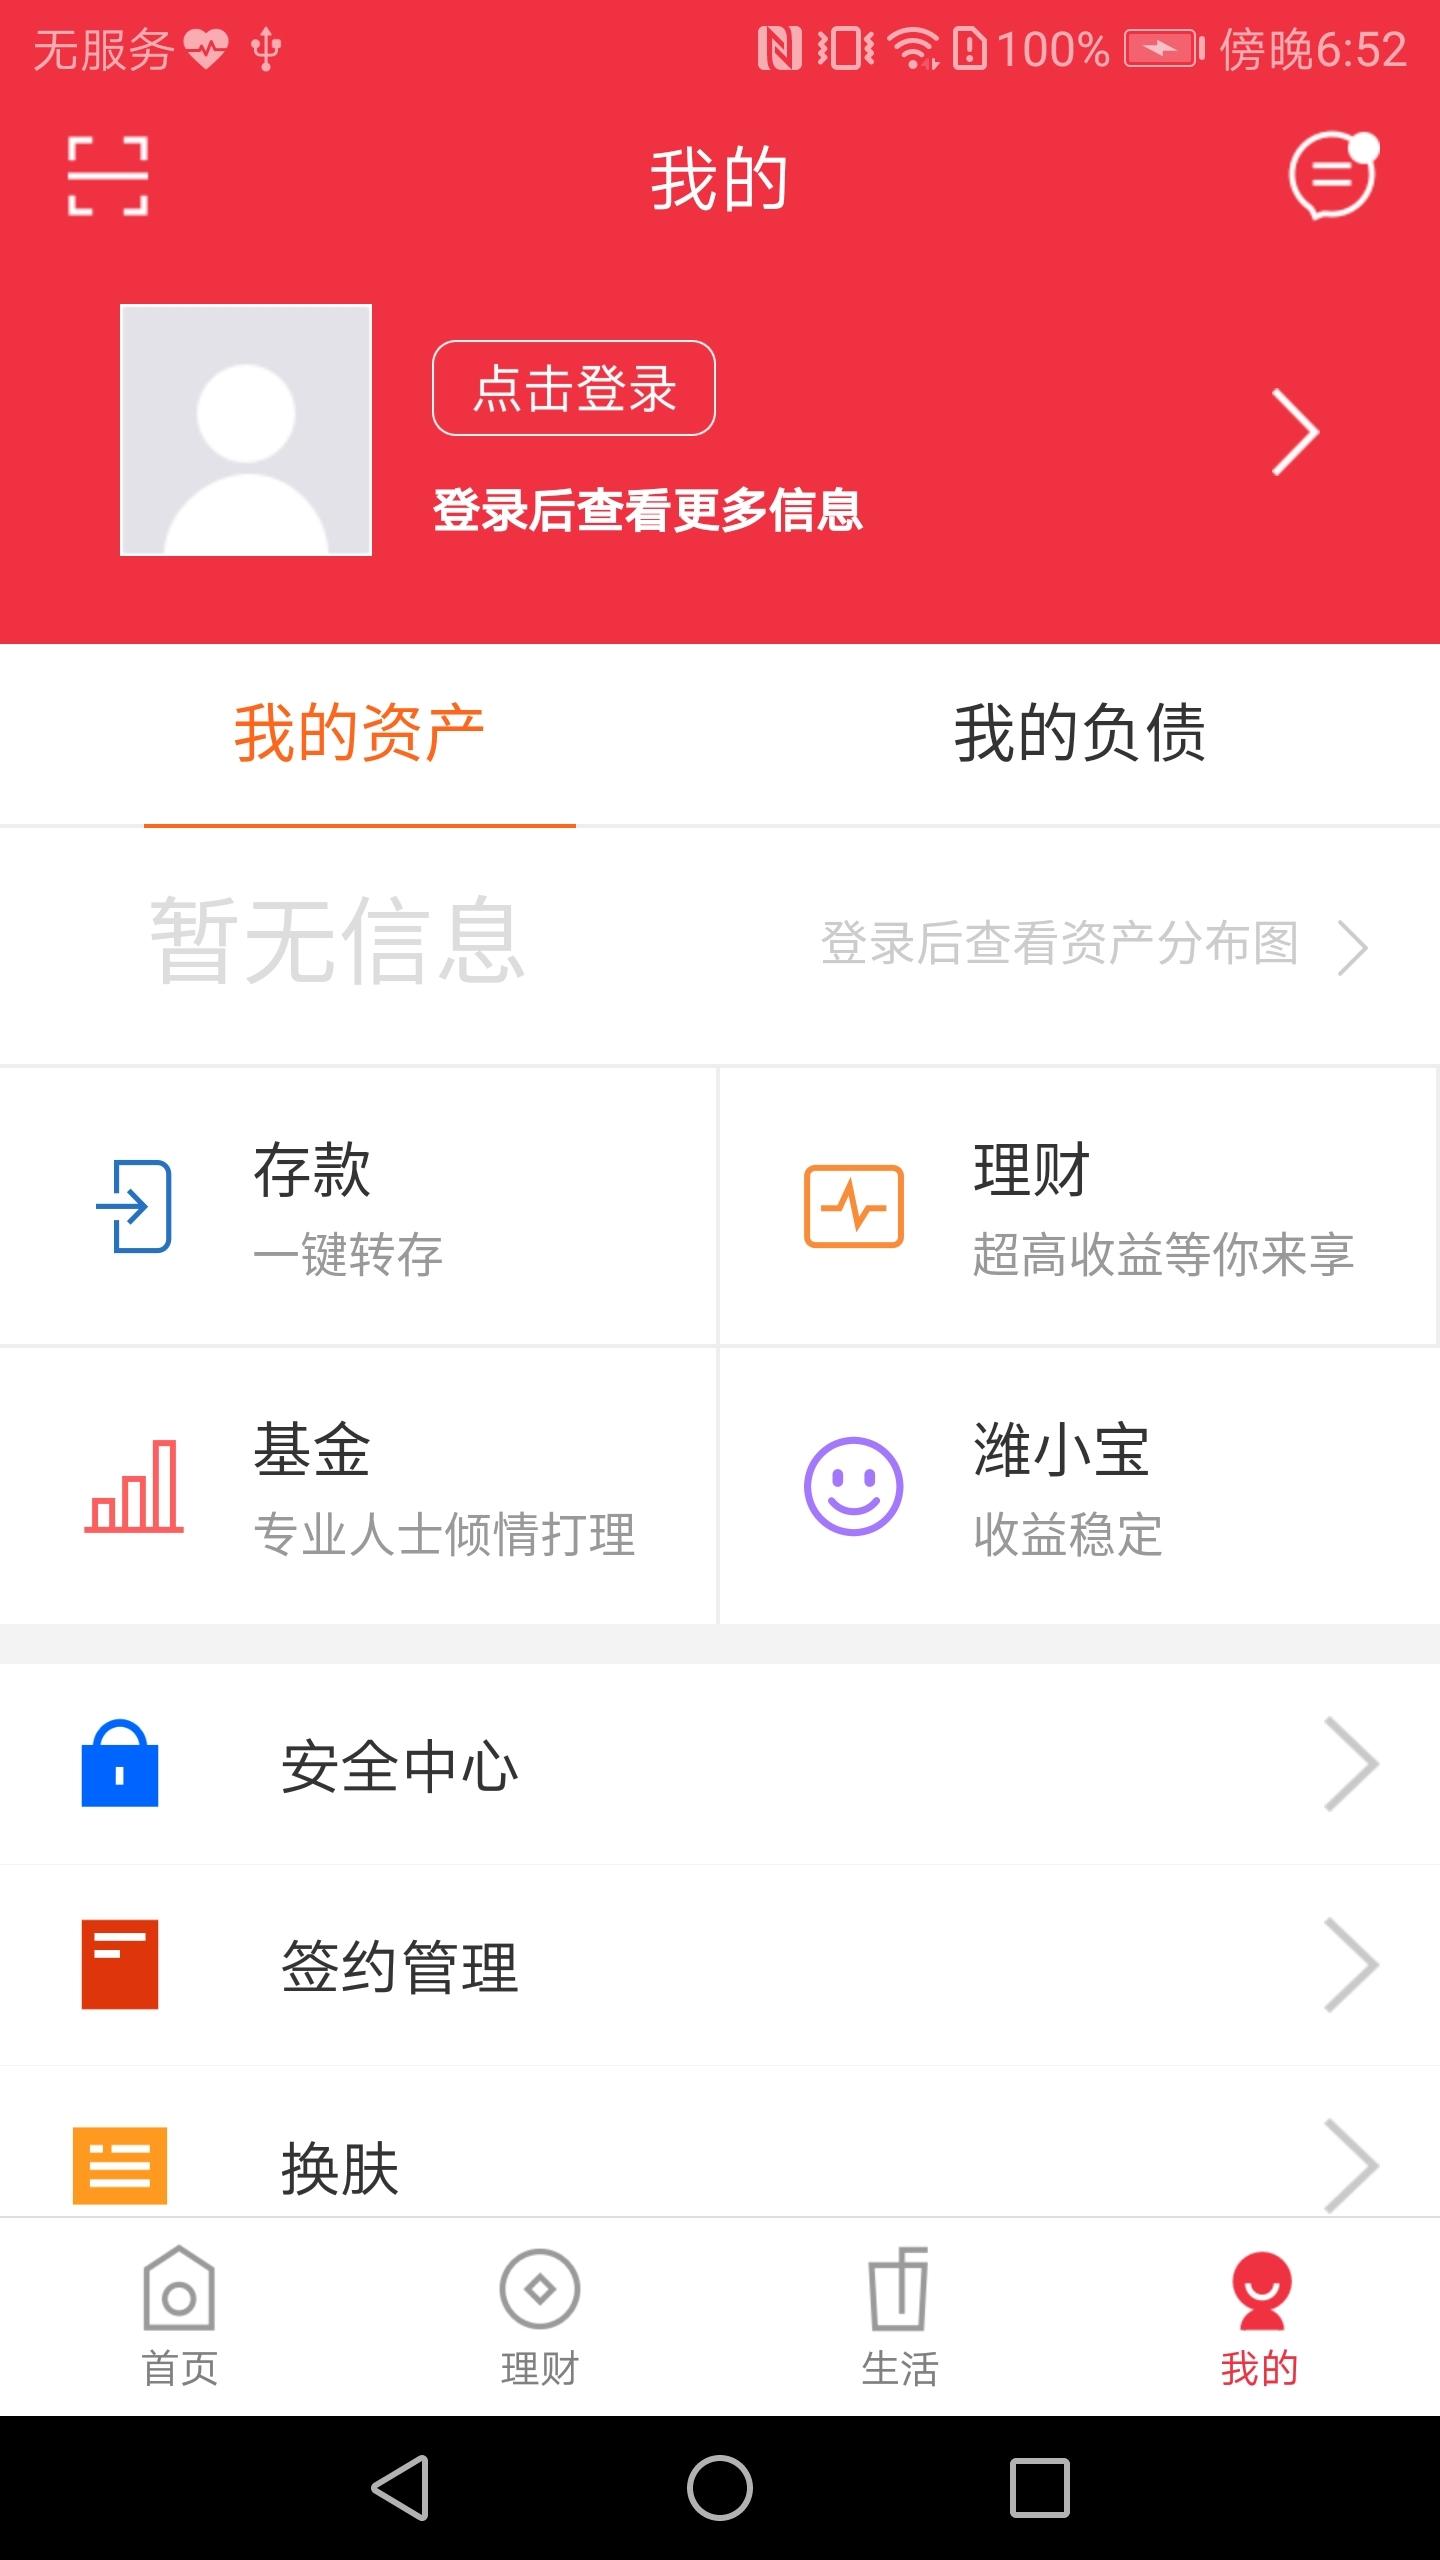 潍坊银行软件截图3